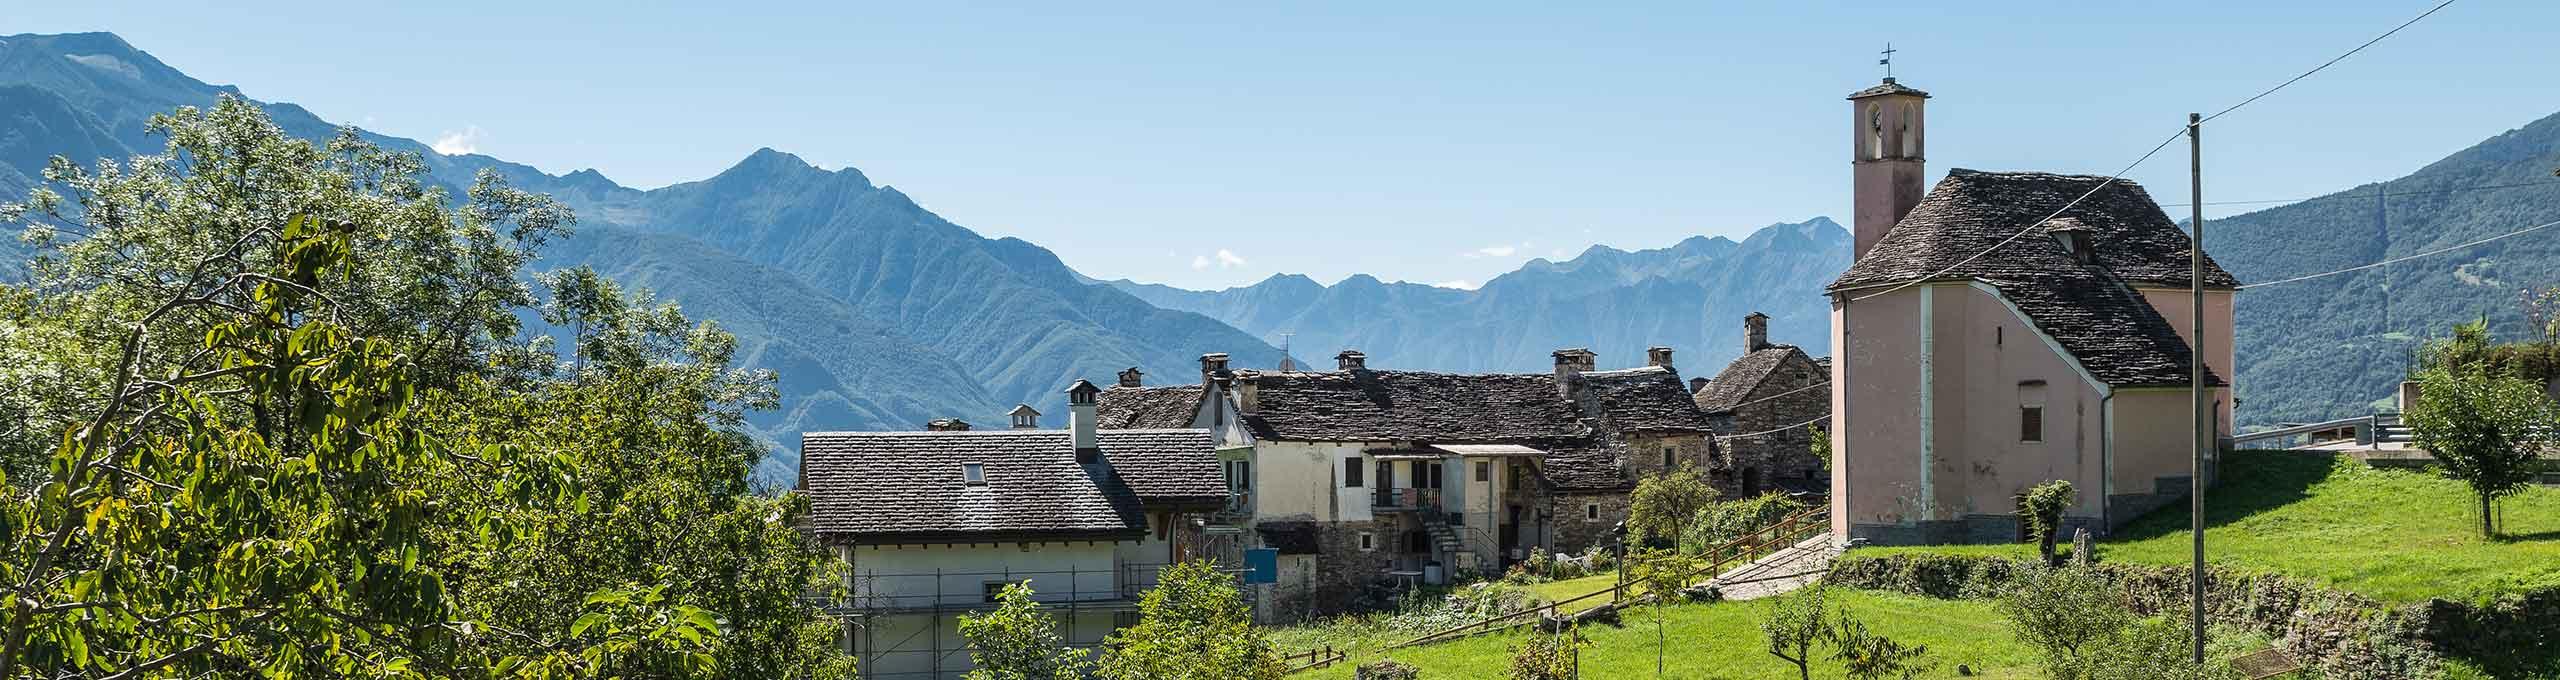 Crevoladossola, Val D'Ossola